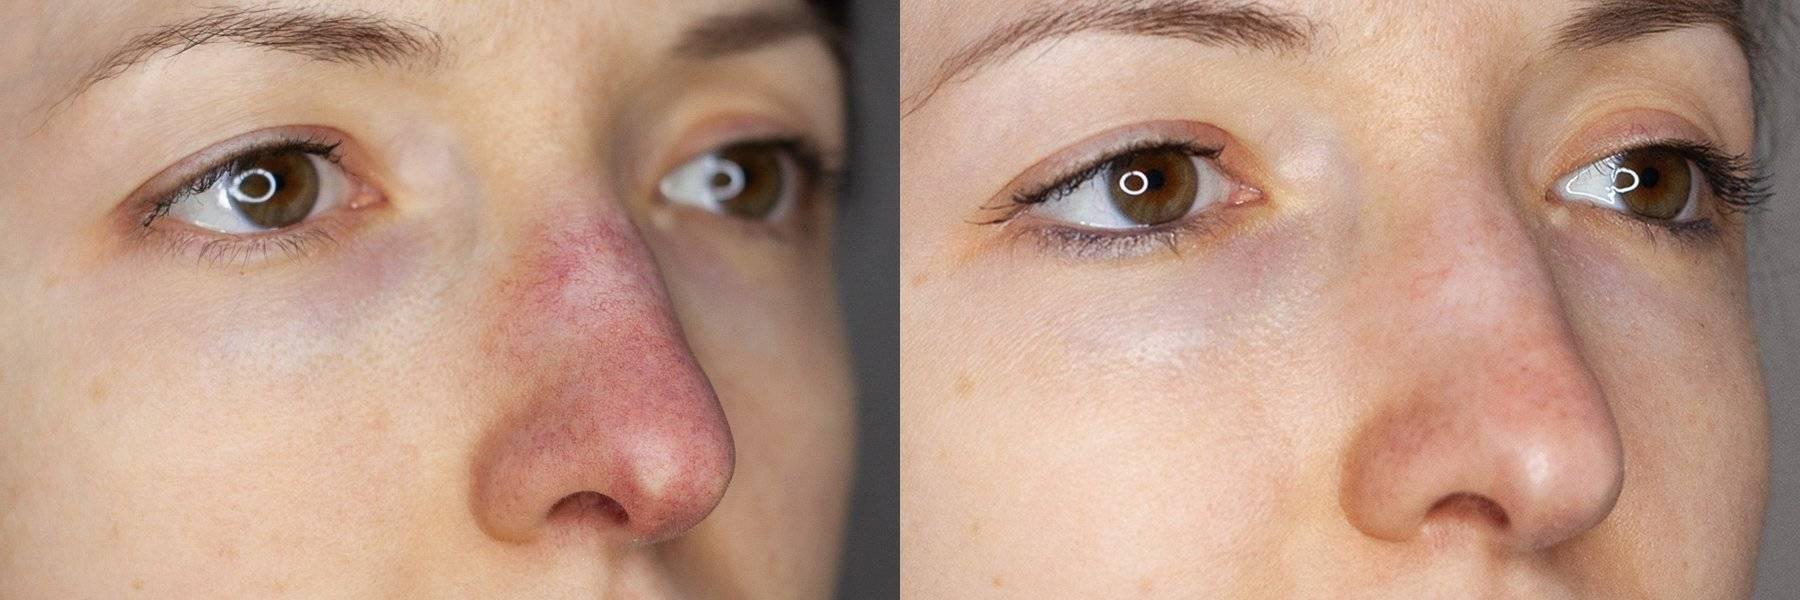 как избавиться от сливы на носу